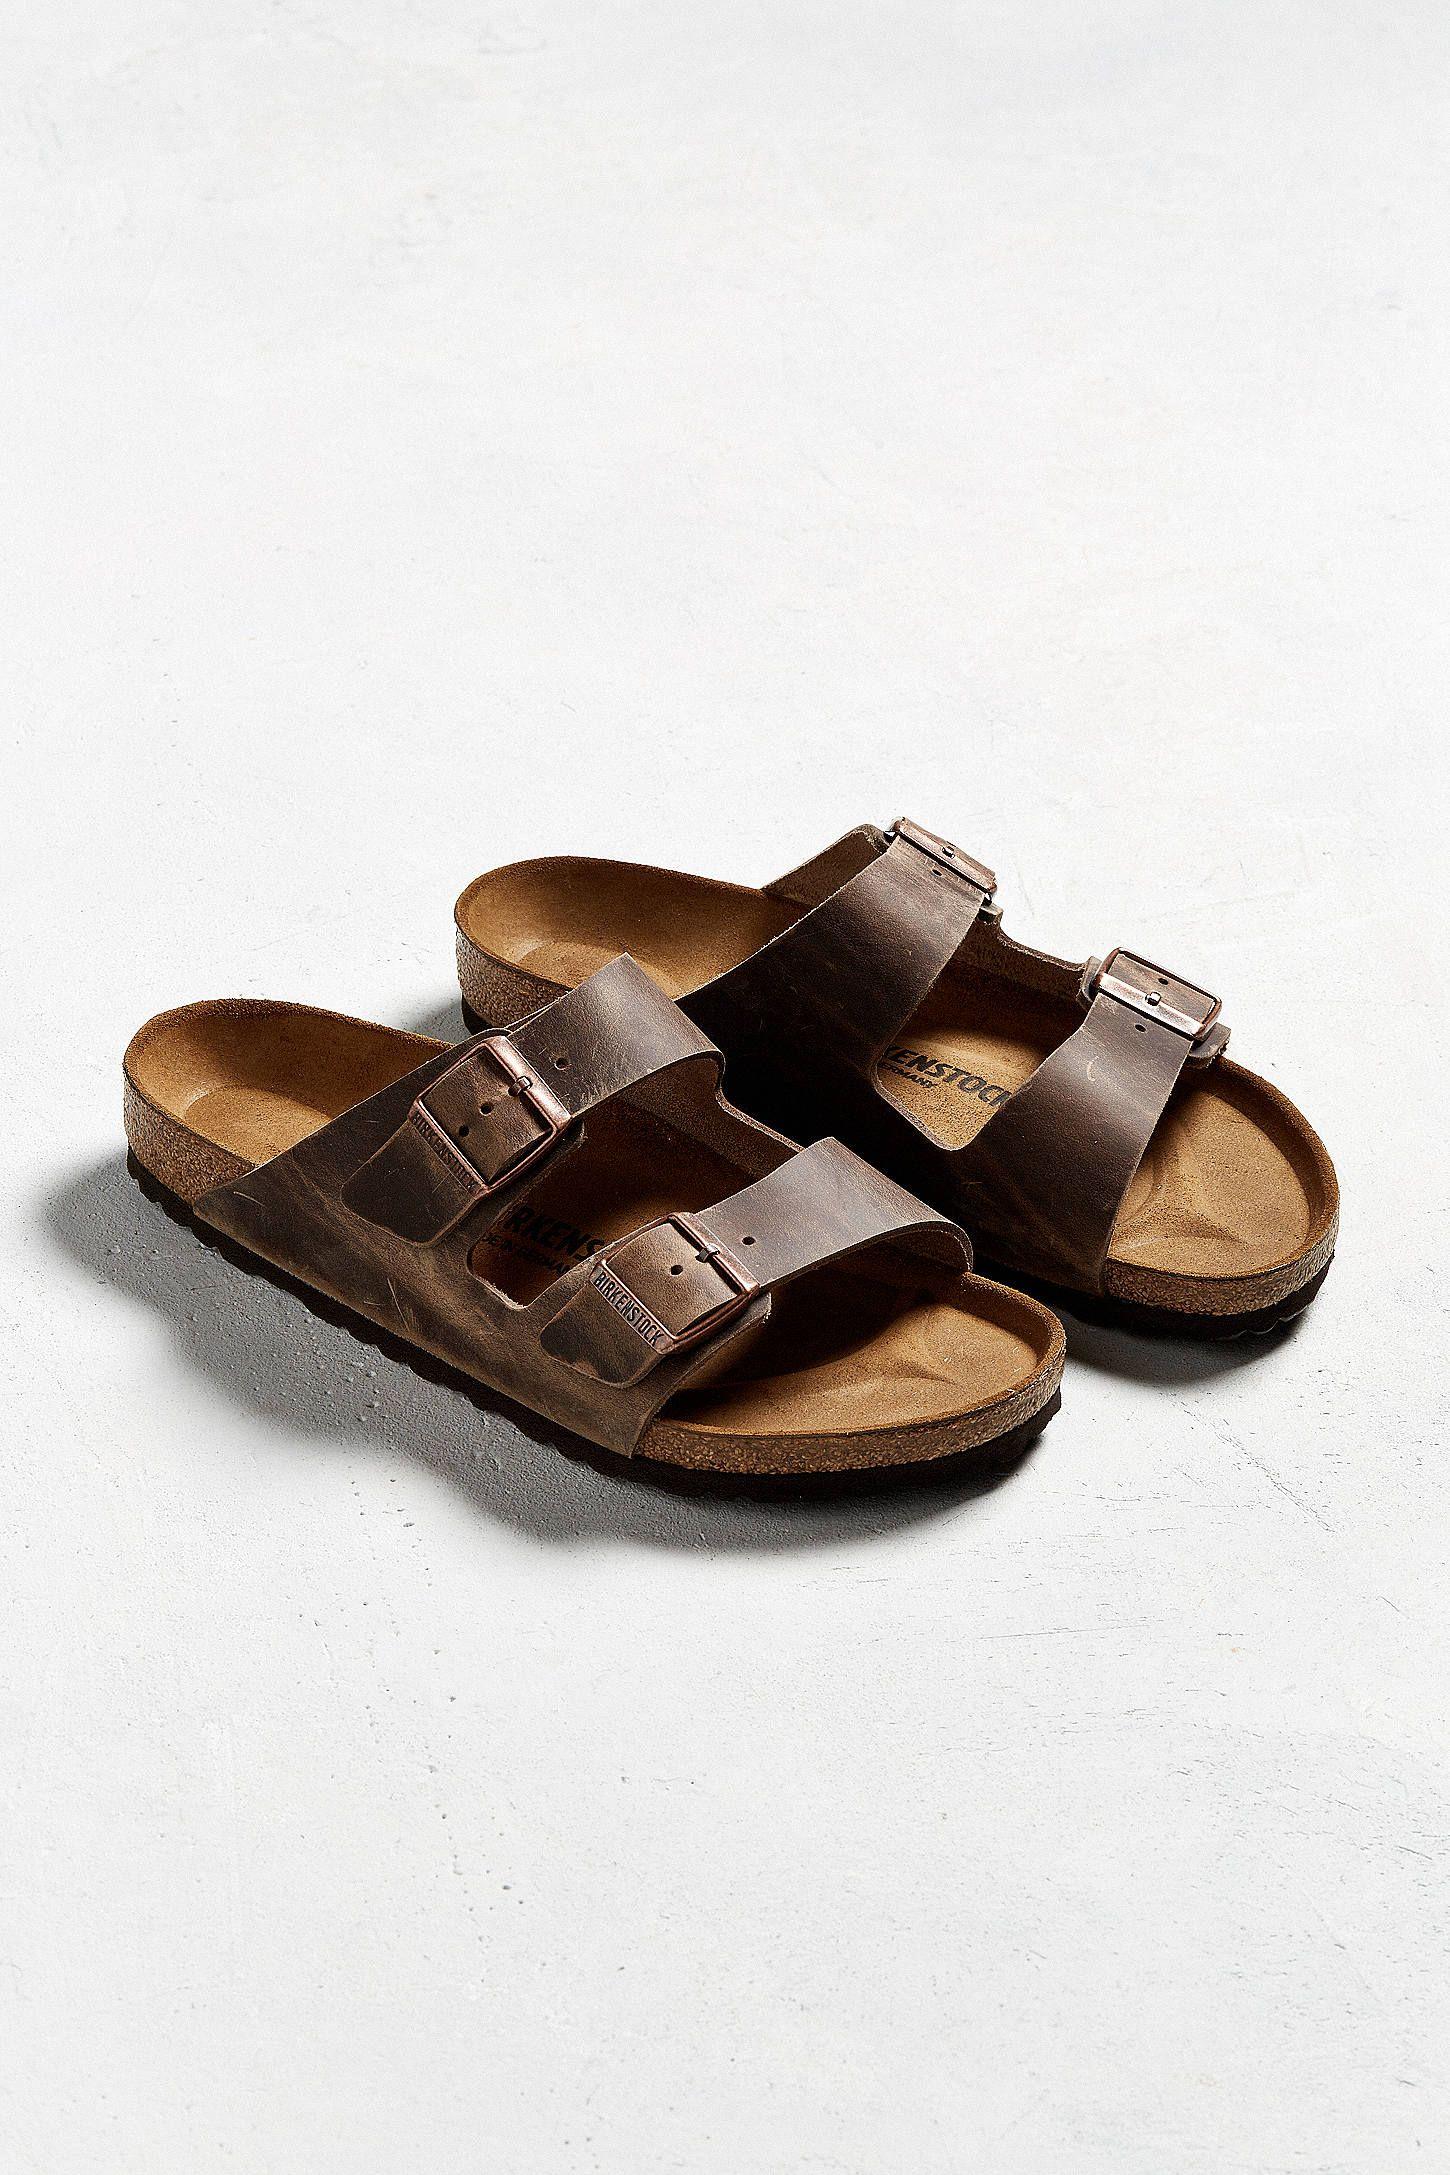 Slide View  1  Birkenstock Arizona Leather Core Sandal Mens Slide Sandals 2a6af77d3ef4